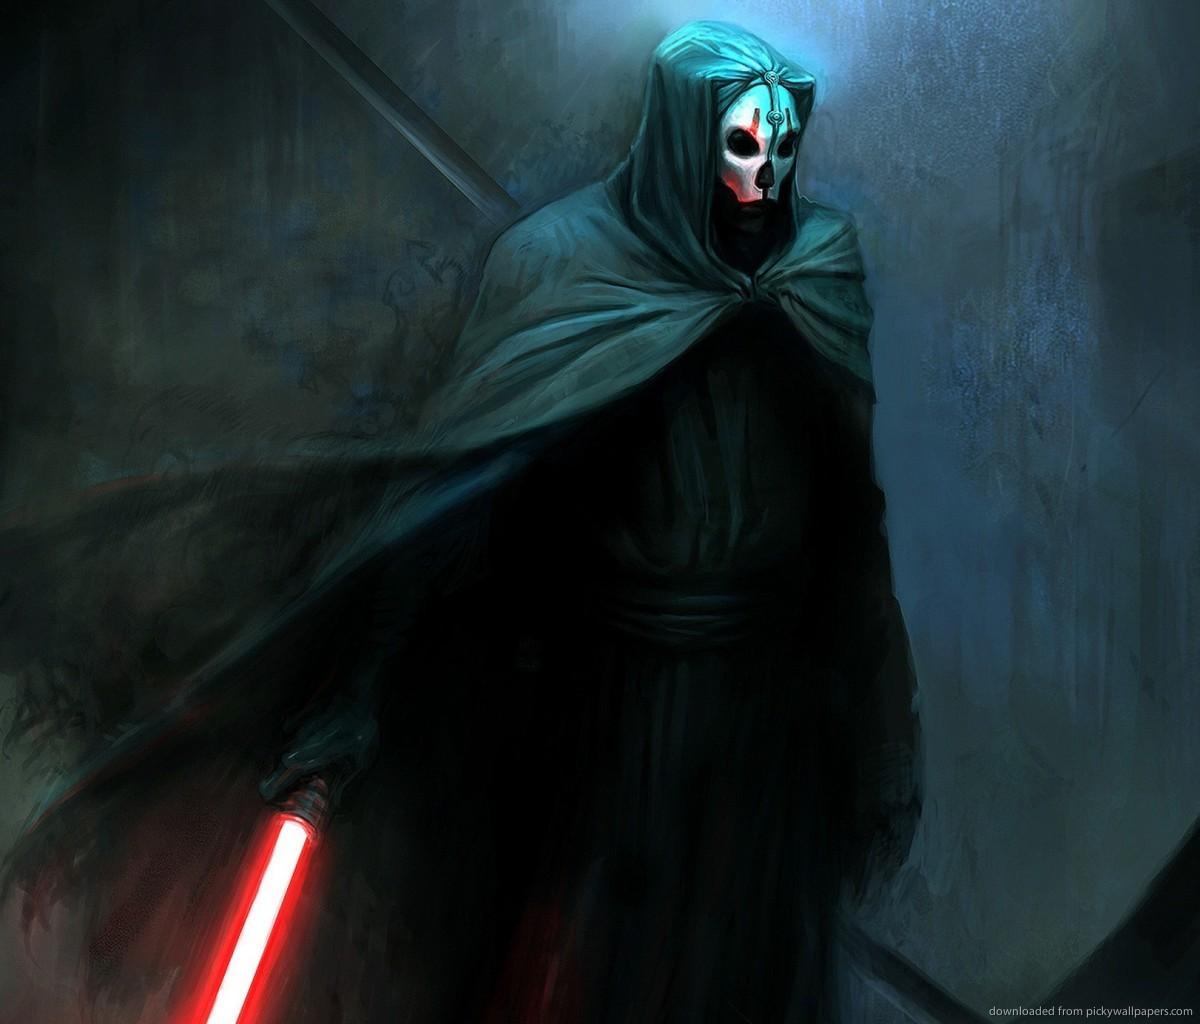 Jedi Wallpaper: WallpaperSafari